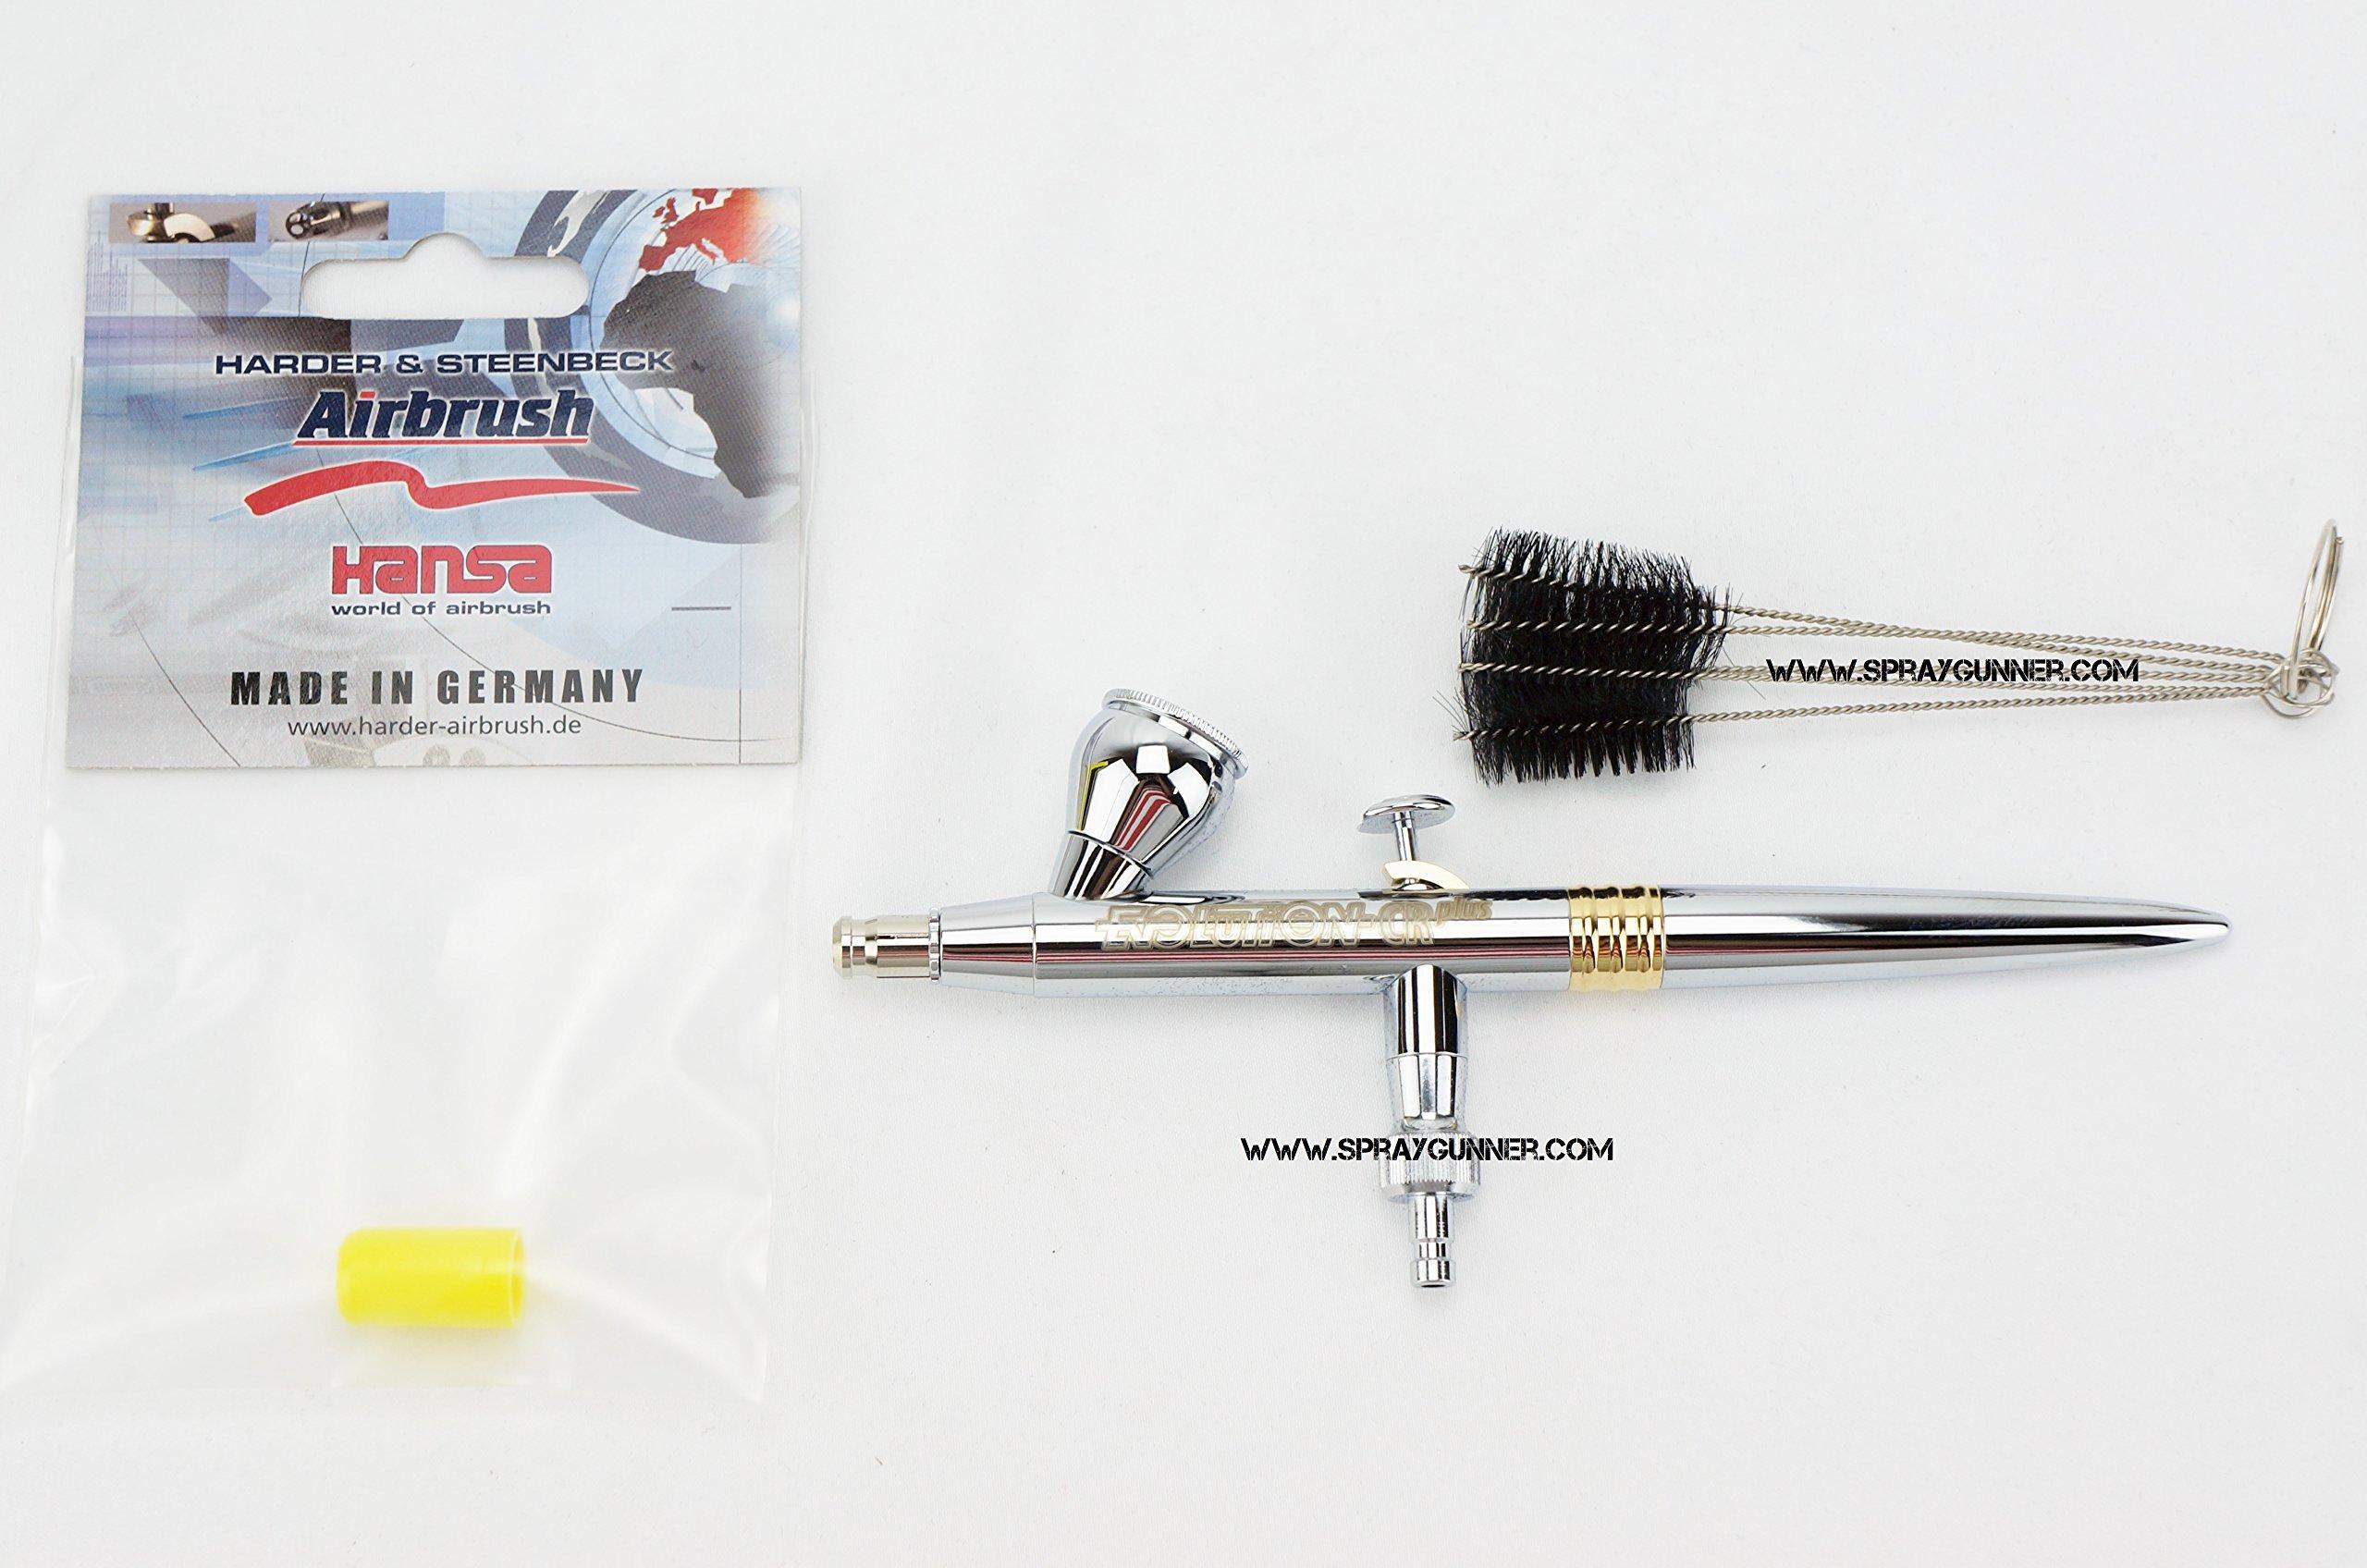 Harder & Steenbeck Evolution CR Plus 0.15mm Airbrush 126204 by SprayGunner